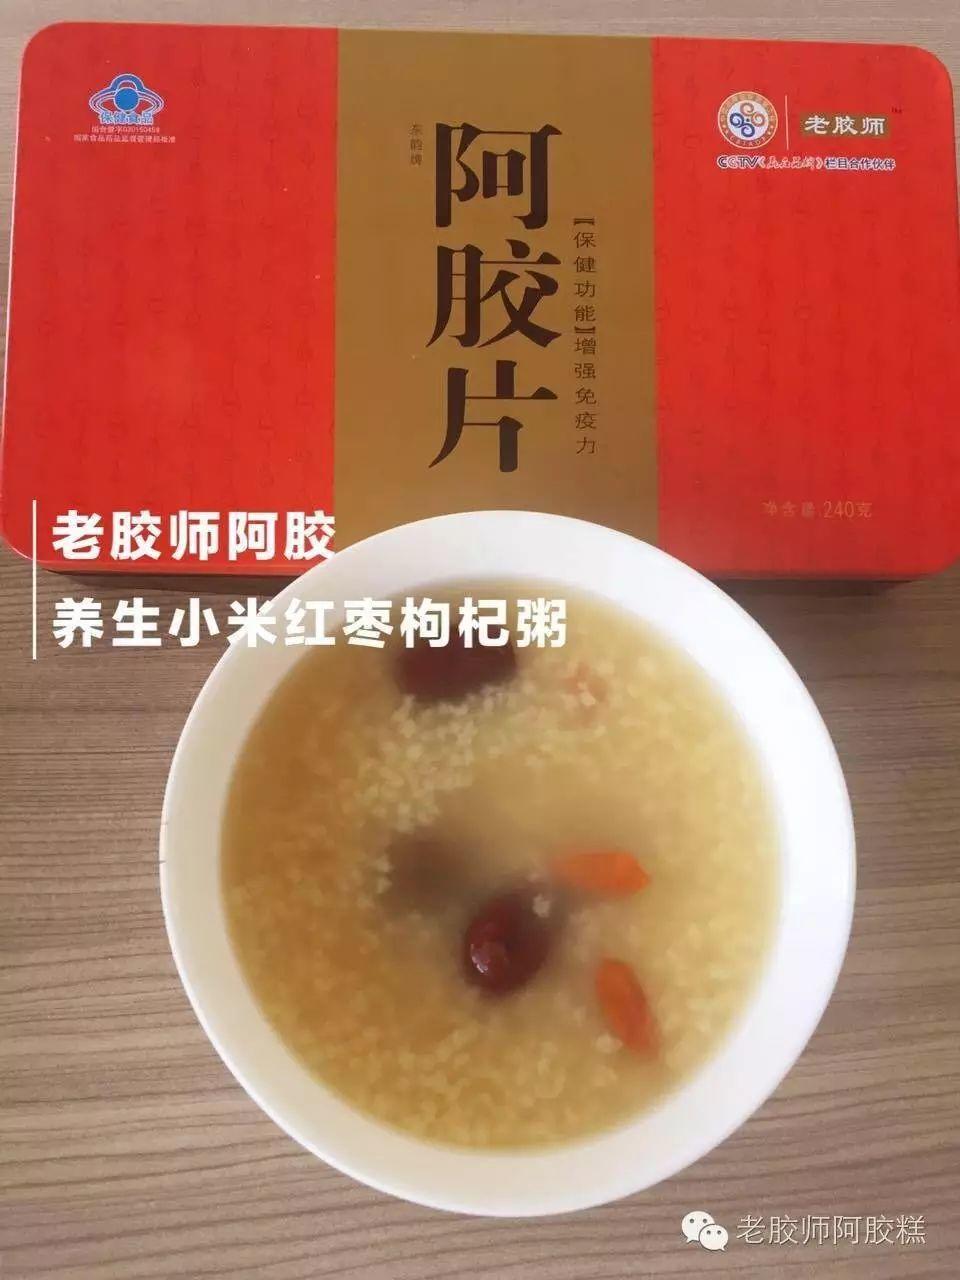 福牌阿胶-冬季养生胶膳丨老胶师阿胶小米养胃粥picture Sheet-5